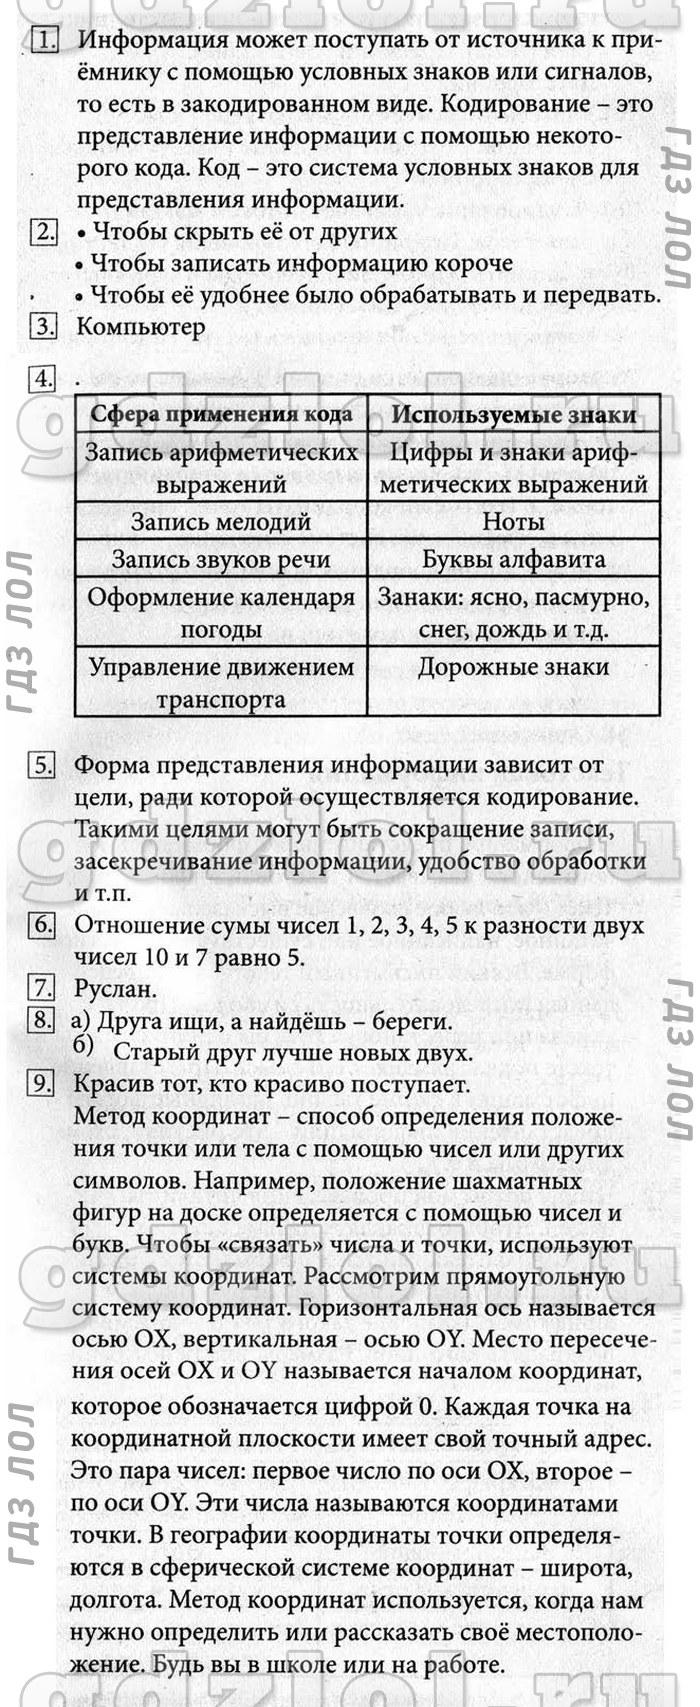 Учебник информатики 5 класс босова таблицы